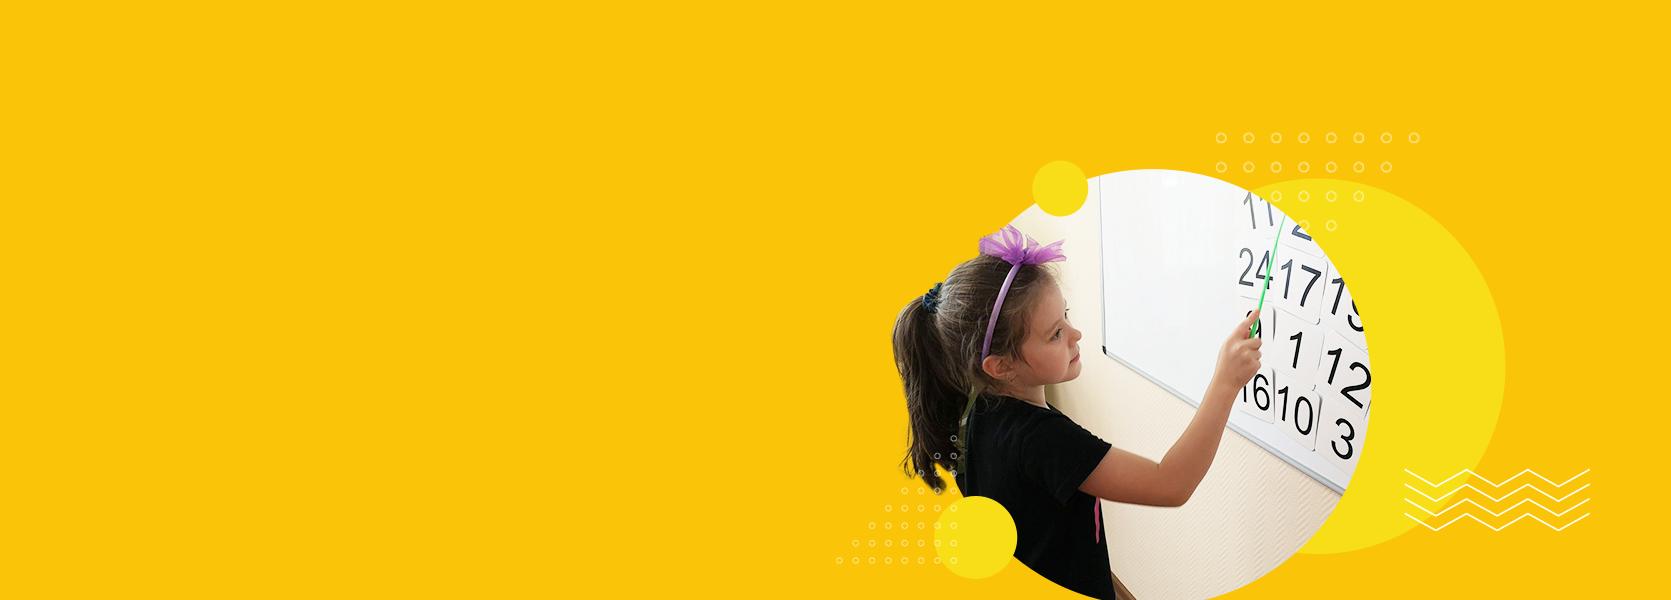 Открыт набор на летние программы дя детей